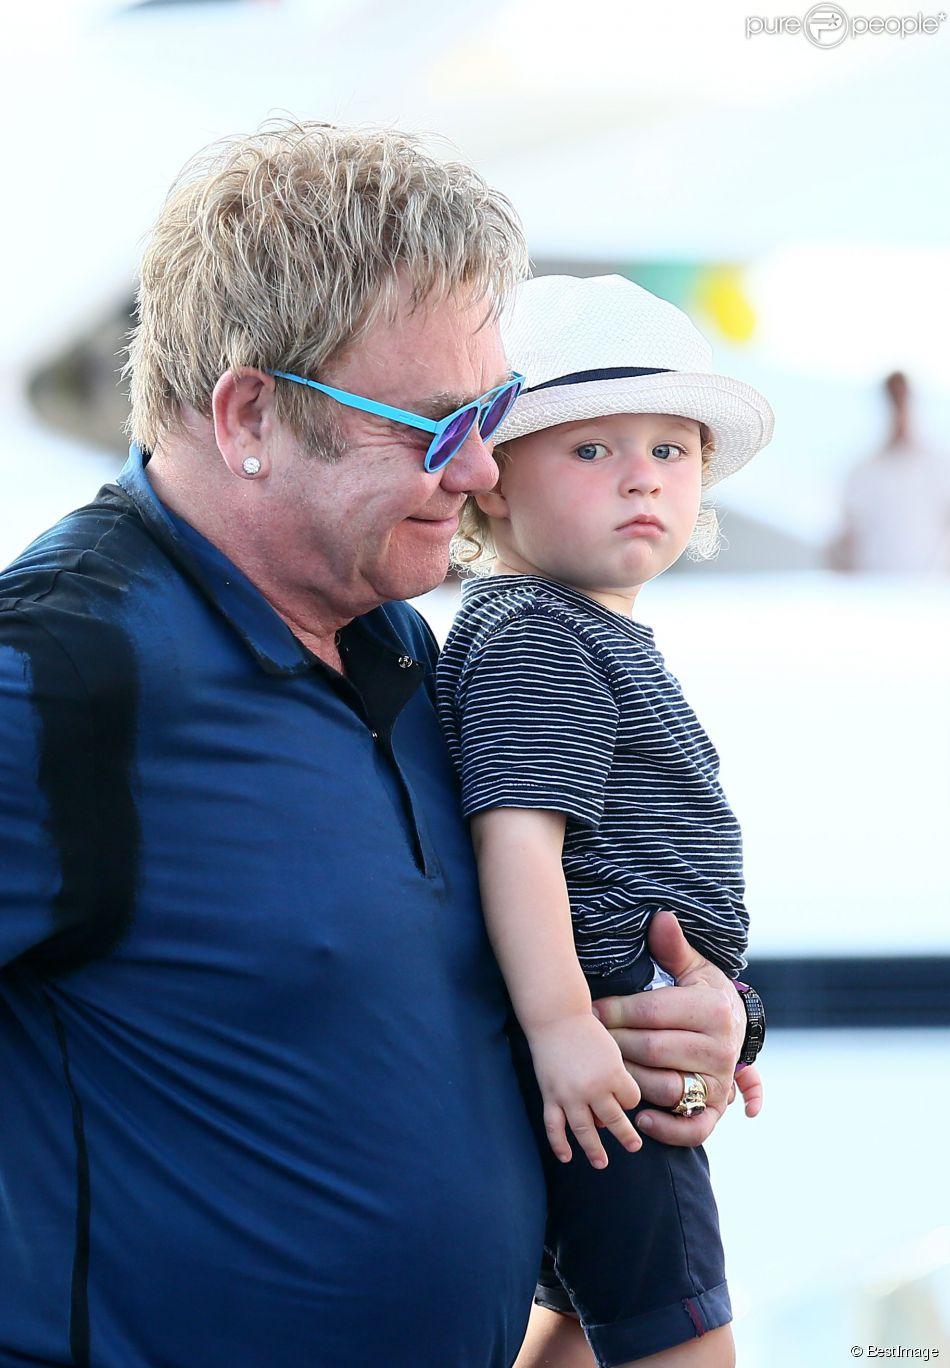 Exclusif - Elton John, son mari David Furnish et leurs fils Elijah et Zachary rentrent sur Nice après avoir passé la journée à Saint-Tropez, le 19 août 2014.